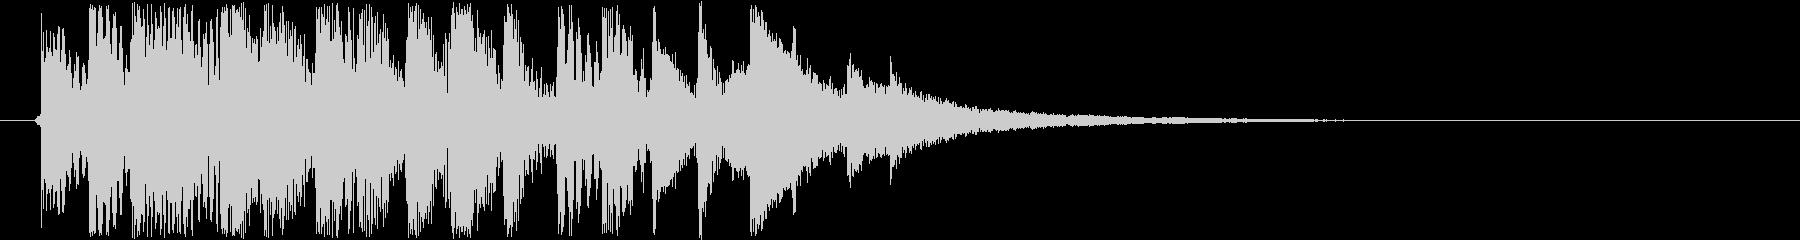 フレクサトーンの未再生の波形